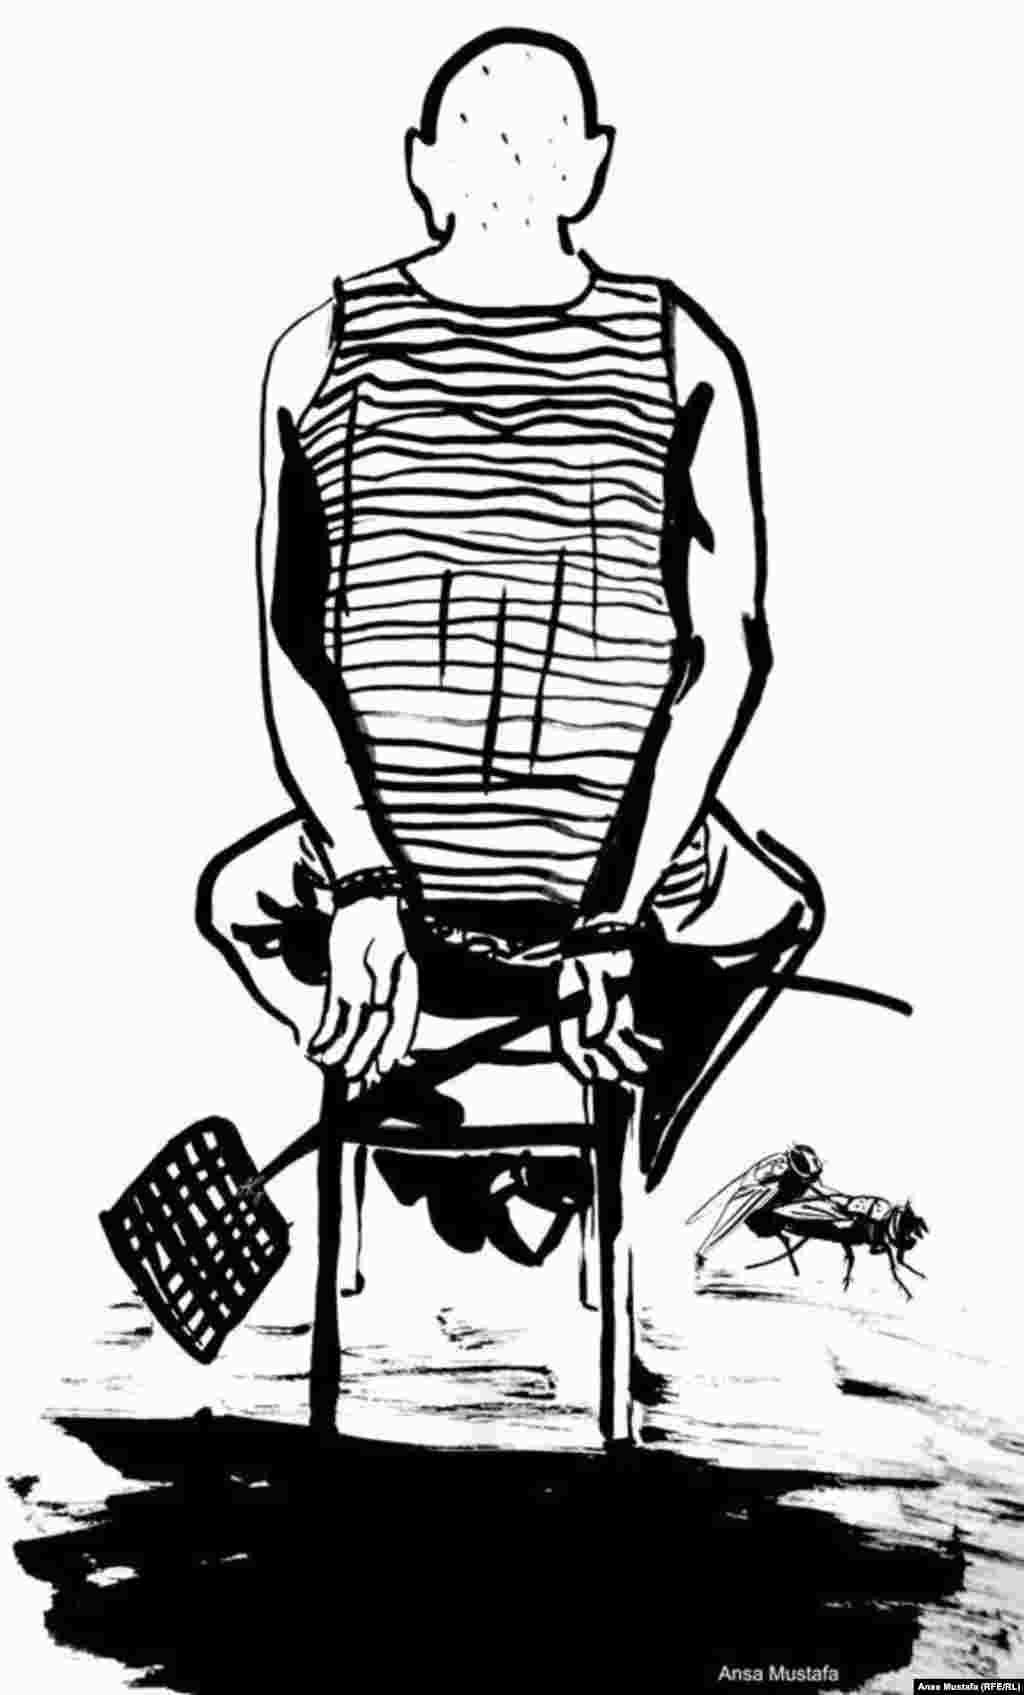 """""""Бессилие перед мухой"""" Карагандинский адвокат Евгений Танков, в шутку вызвавший судью во время процесса на """"дуэль на мухобойках"""", в июле этого года был приговорен к трем годам тюрьмы по обвинению в """"угрозе или насильственных действиях в связи с осуществлением правосудия и в неуважении к суду""""."""